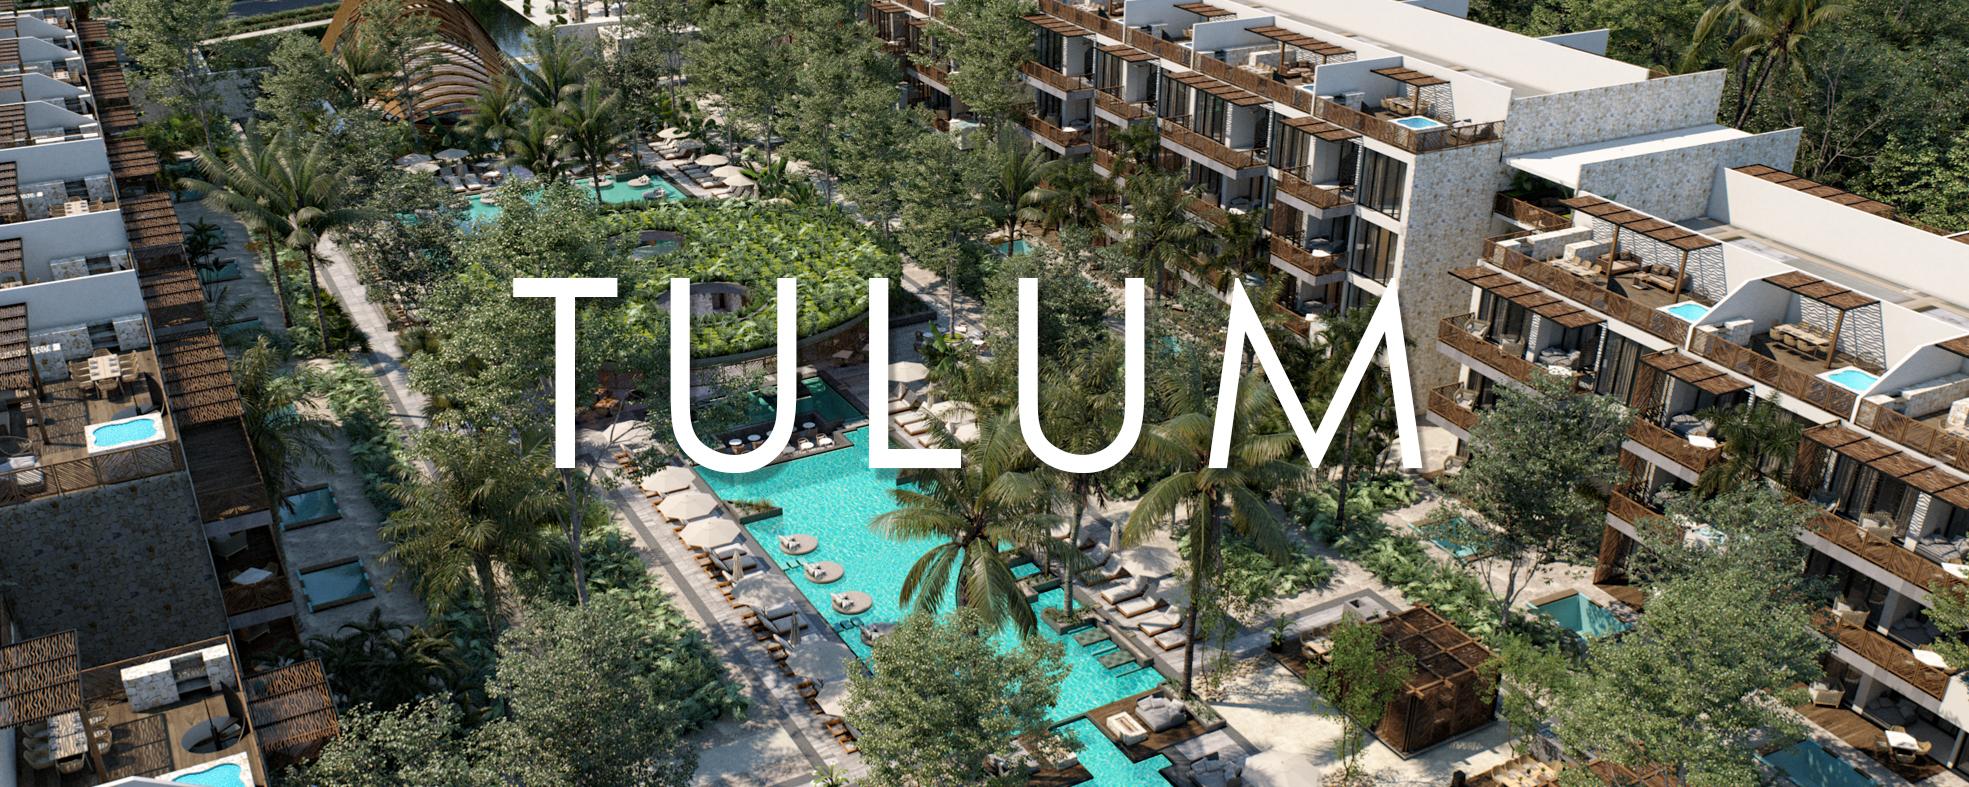 Tulum es lo más cercano al paraíso que podremos conocer: cristalinas aguas caribeñas color turquesa, playas de fina arena blanca, frondosa vegetación, aves tropicales, cenotes subterráneos y desde luego las famosas ruinas mayas.